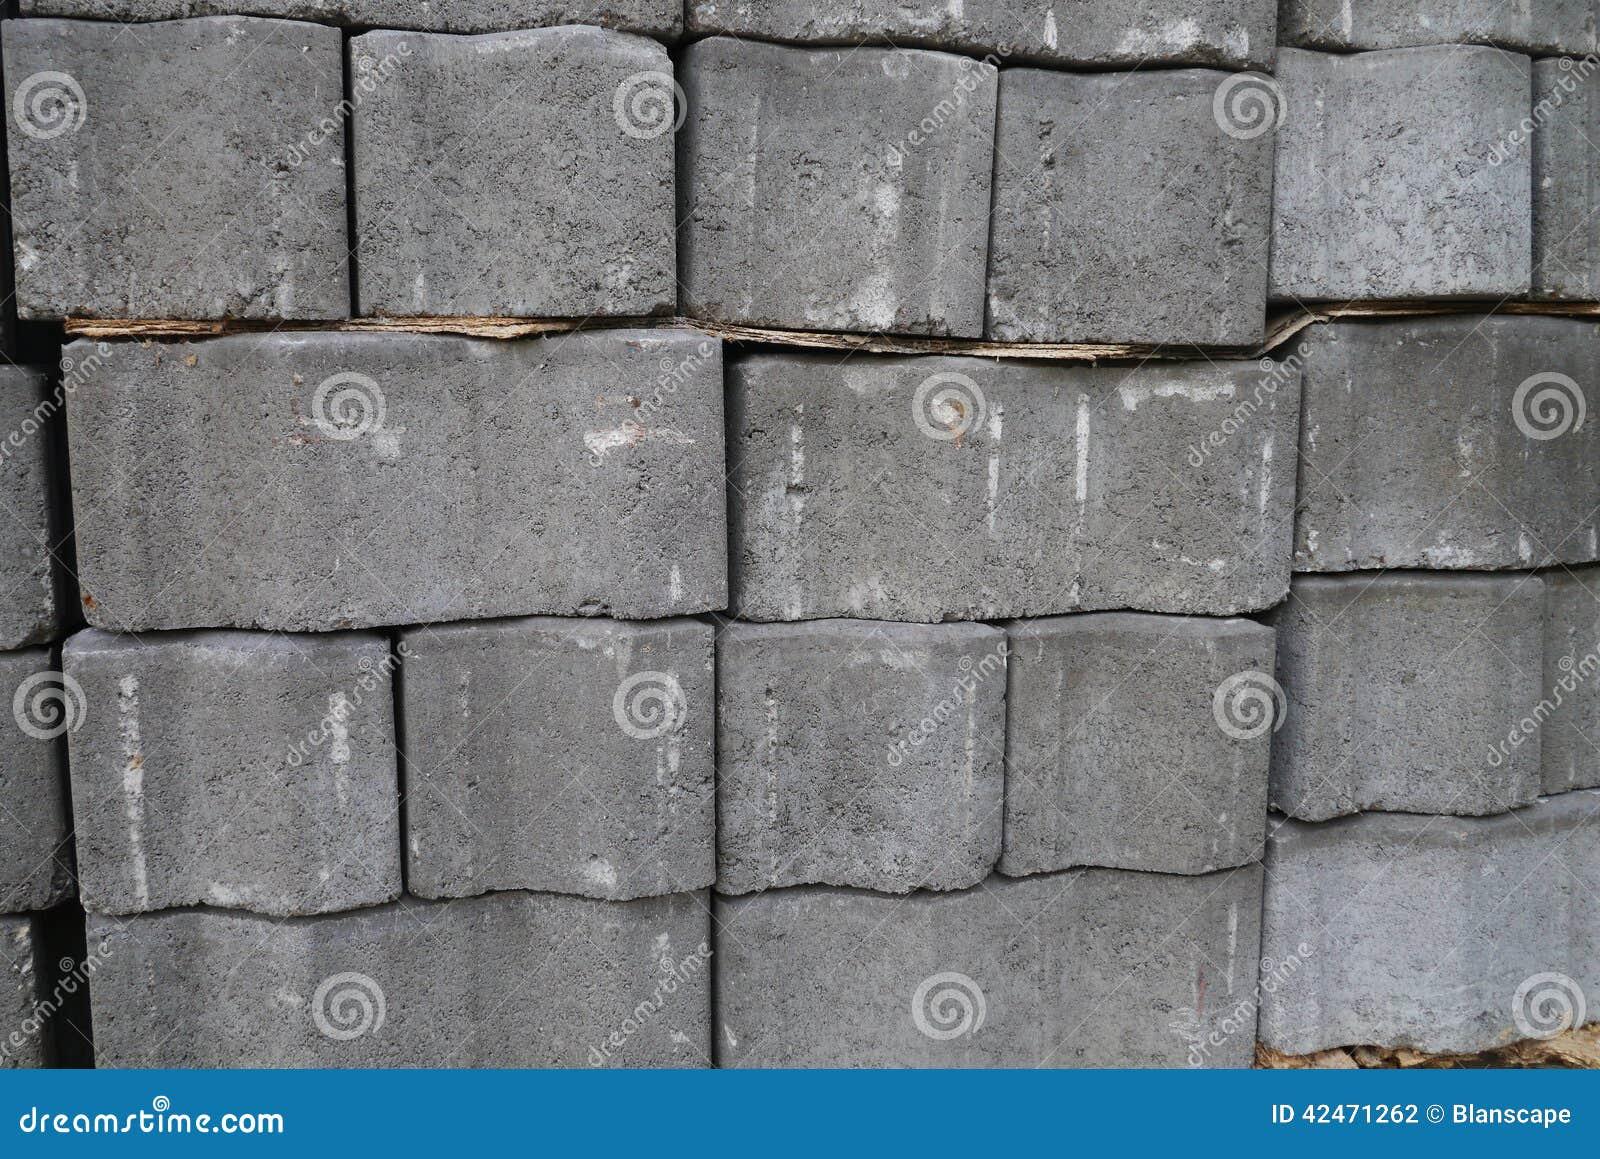 Stapel graue Pflasterungszementziegelsteine